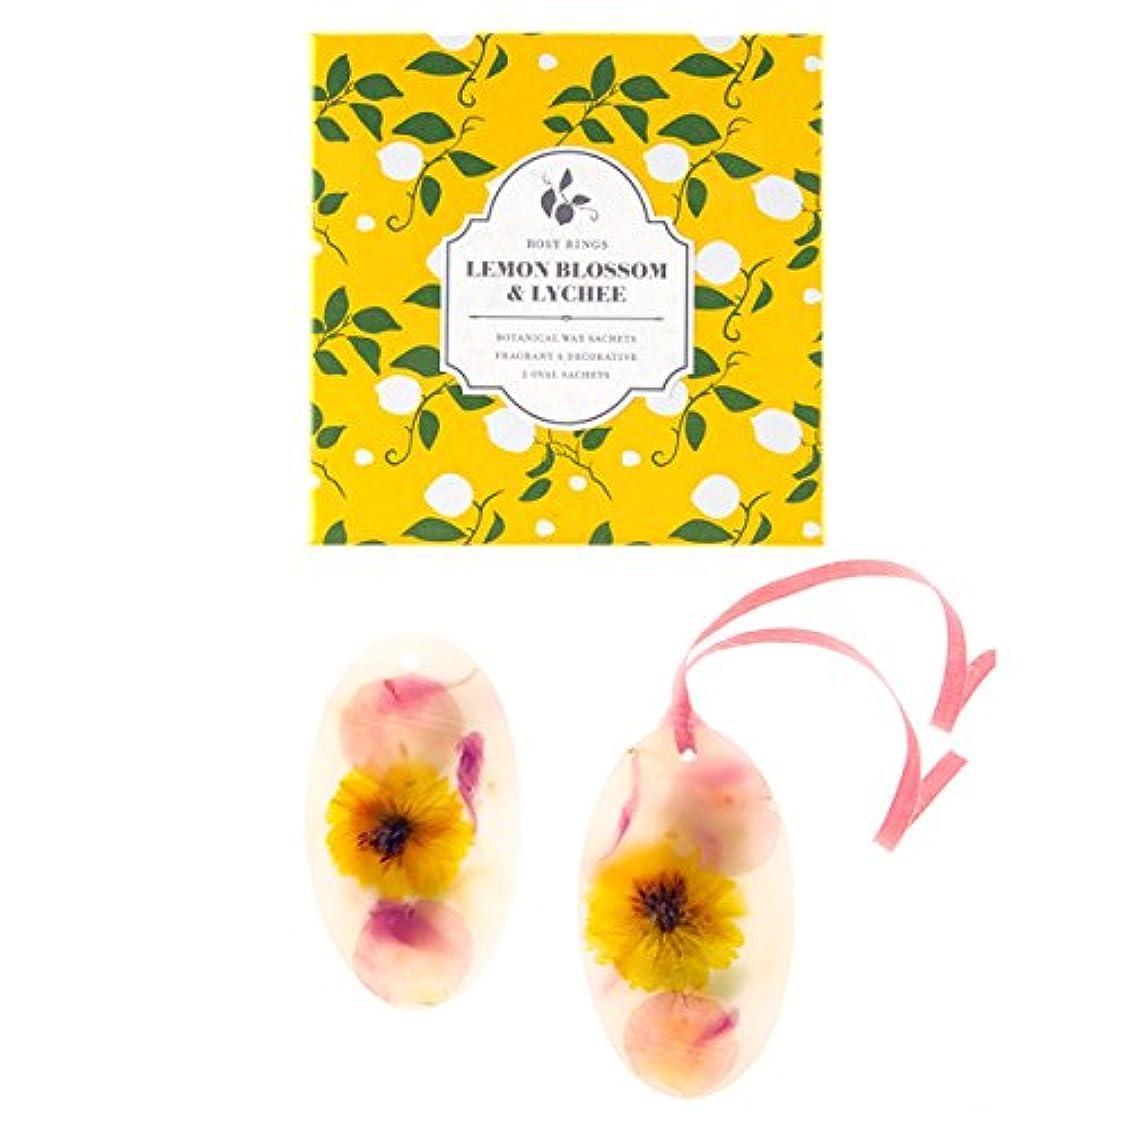 オペレーター参照盗賊ロージーリングス ボタニカルワックスサシェ オーバル レモンブロッサム&ライチ ROSY RINGS Signature Collection Botanical Wax Sachets – Lemon Blossom...